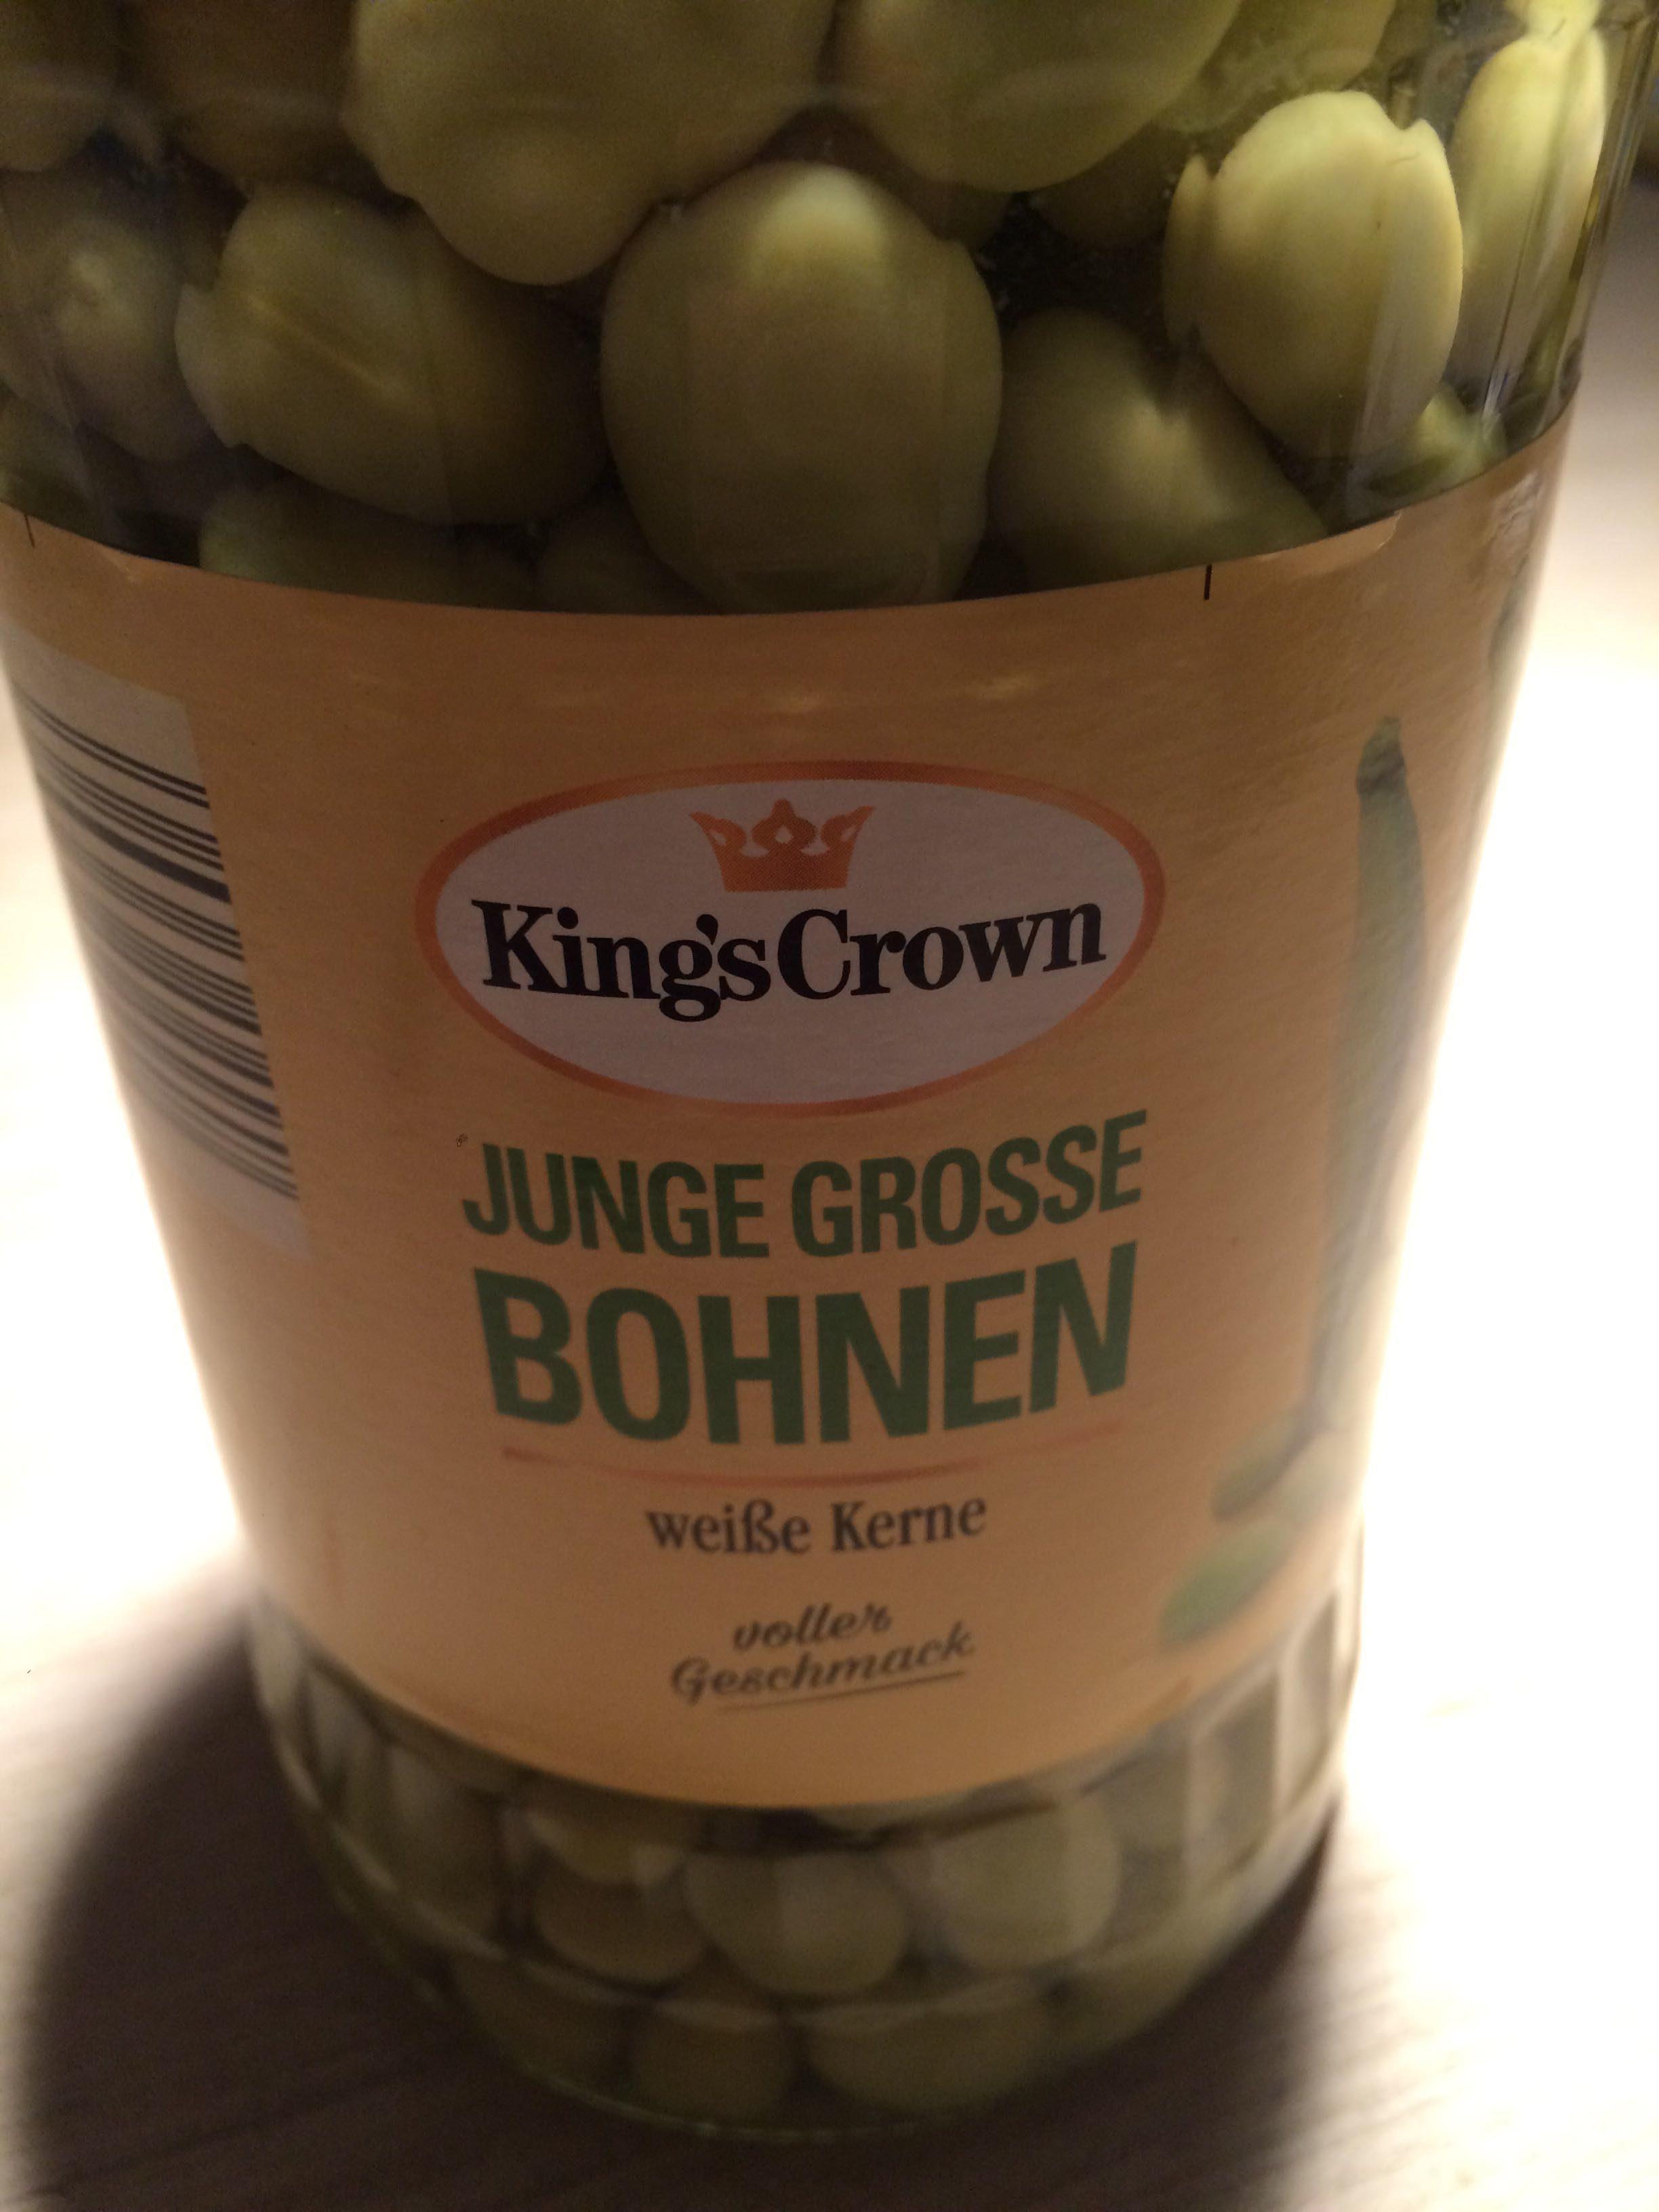 Junge Große Bohnen - Product - de